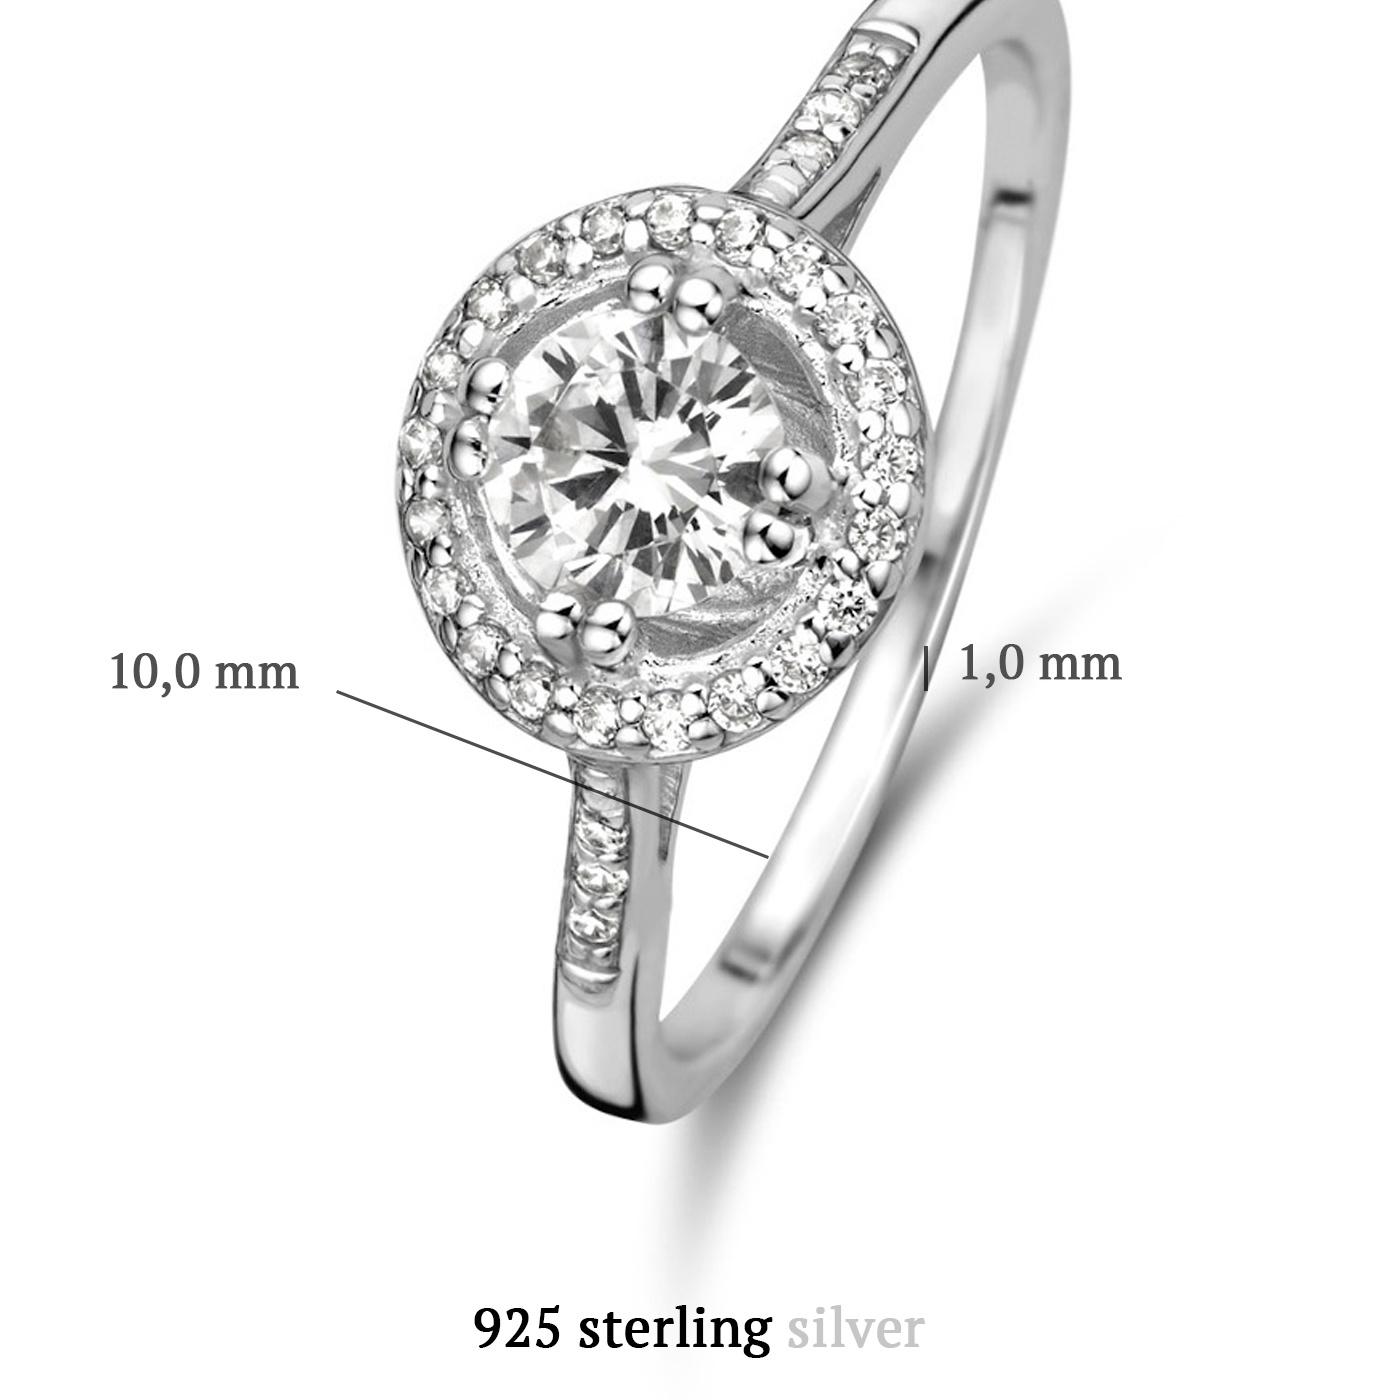 Parte di Me Luce Mia Dalia 925 sterling silver ring with zirconia